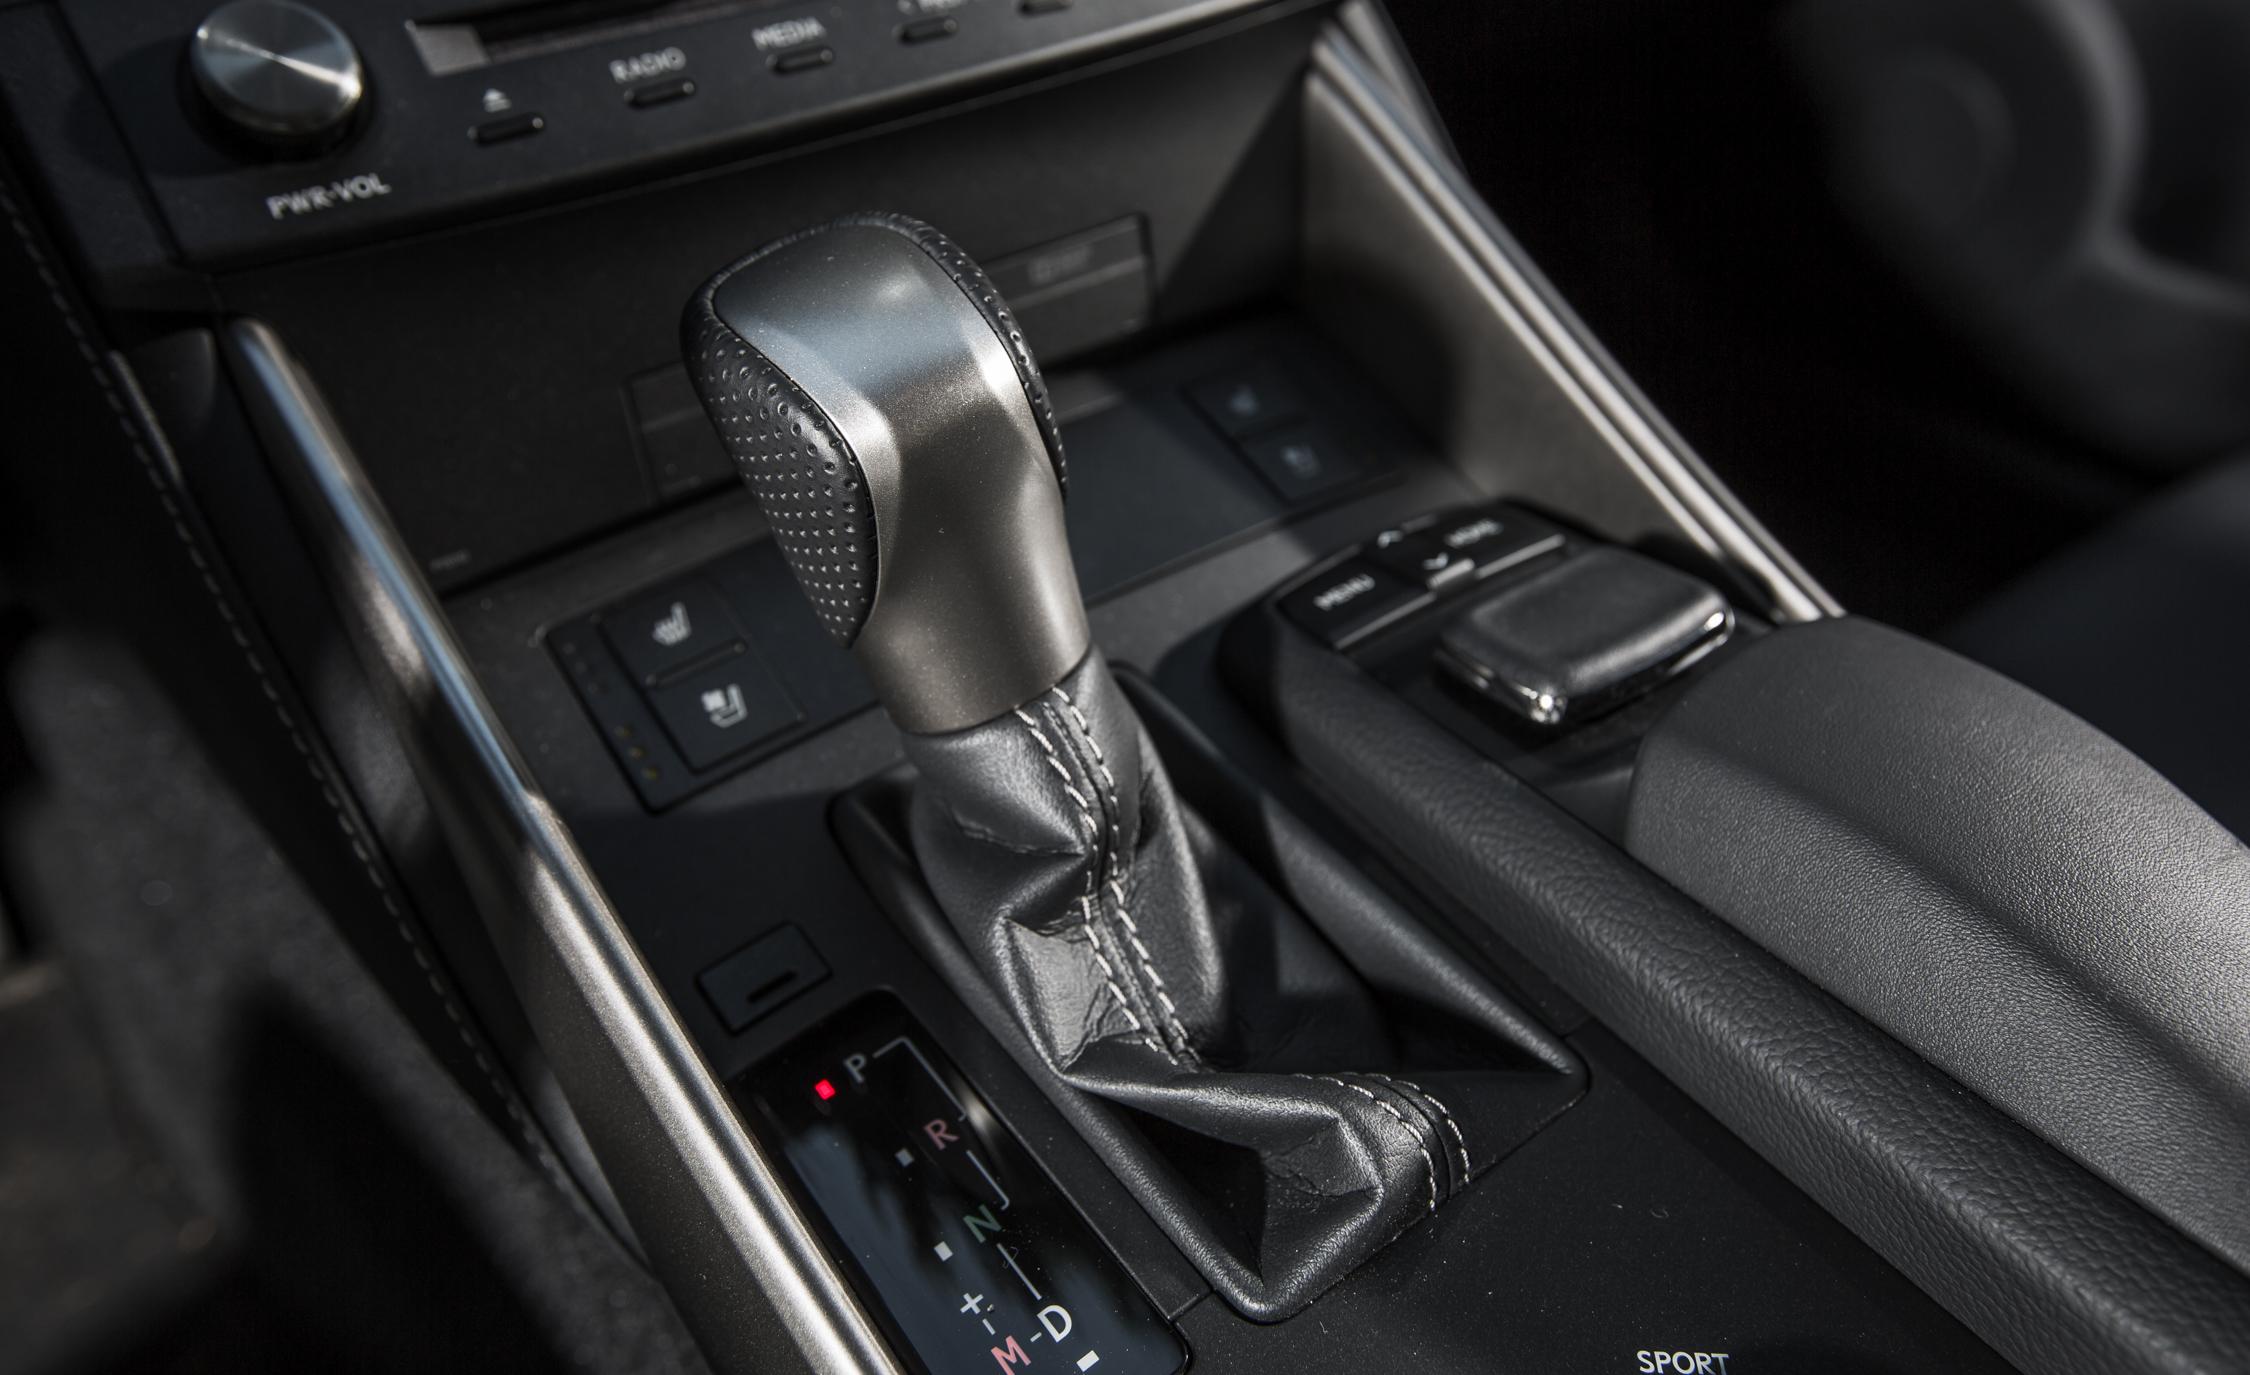 2016 Lexus IS200t F Sport Gear Shift Knob